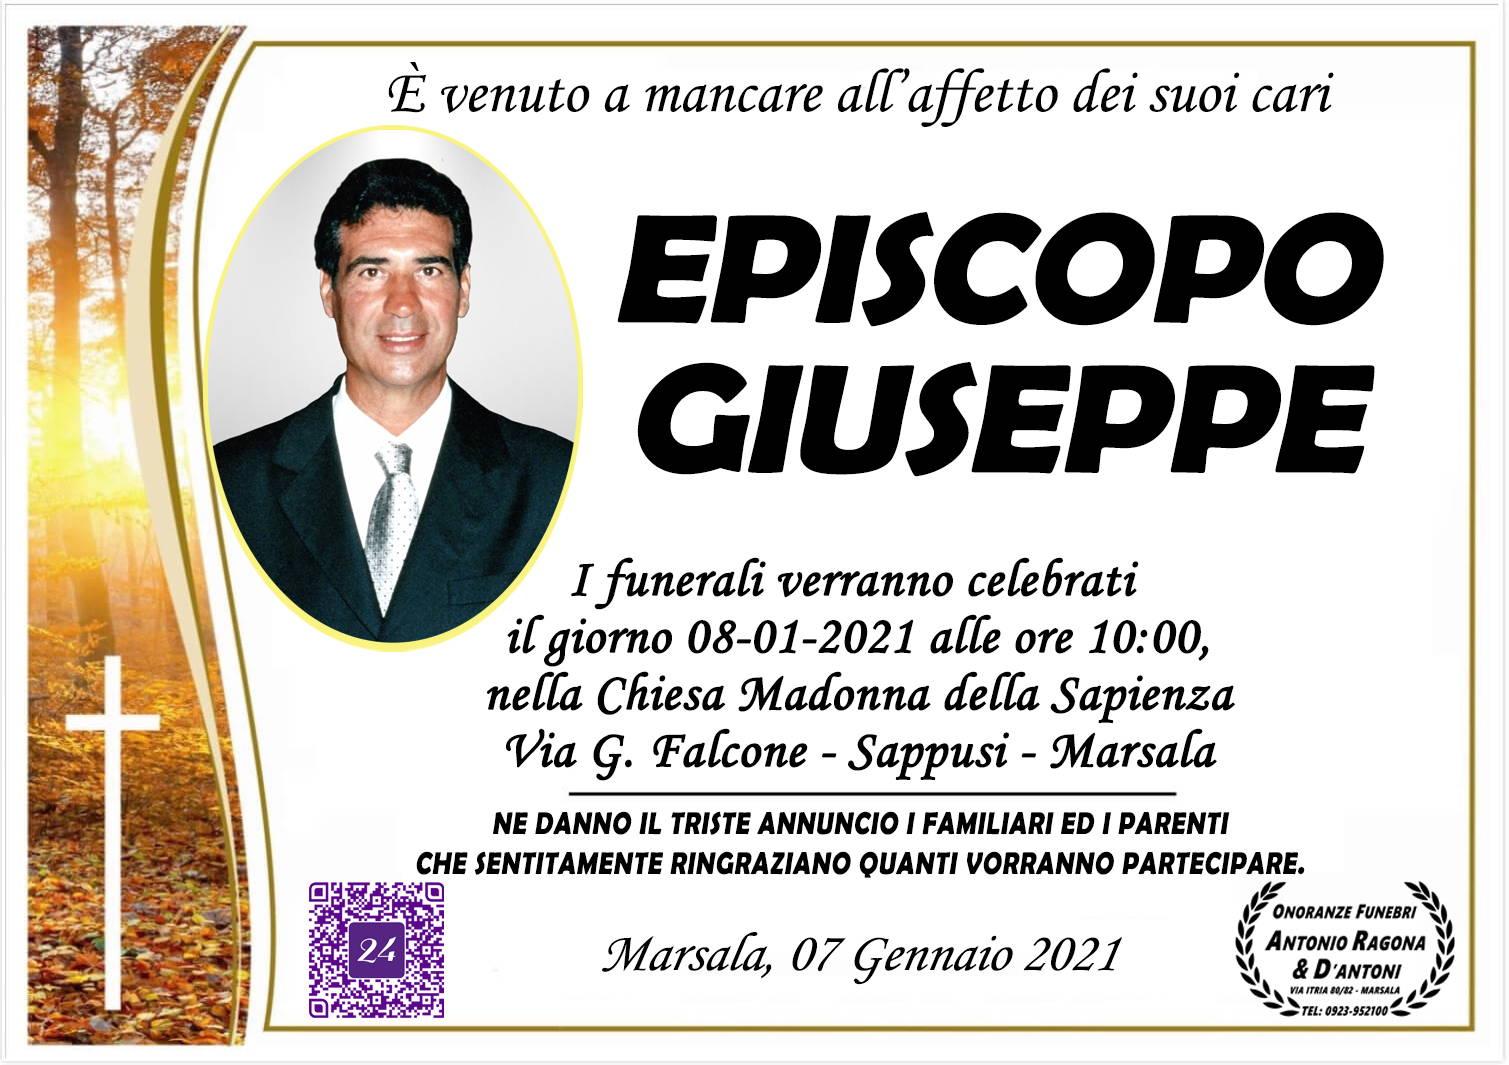 Giuseppe Episcopo